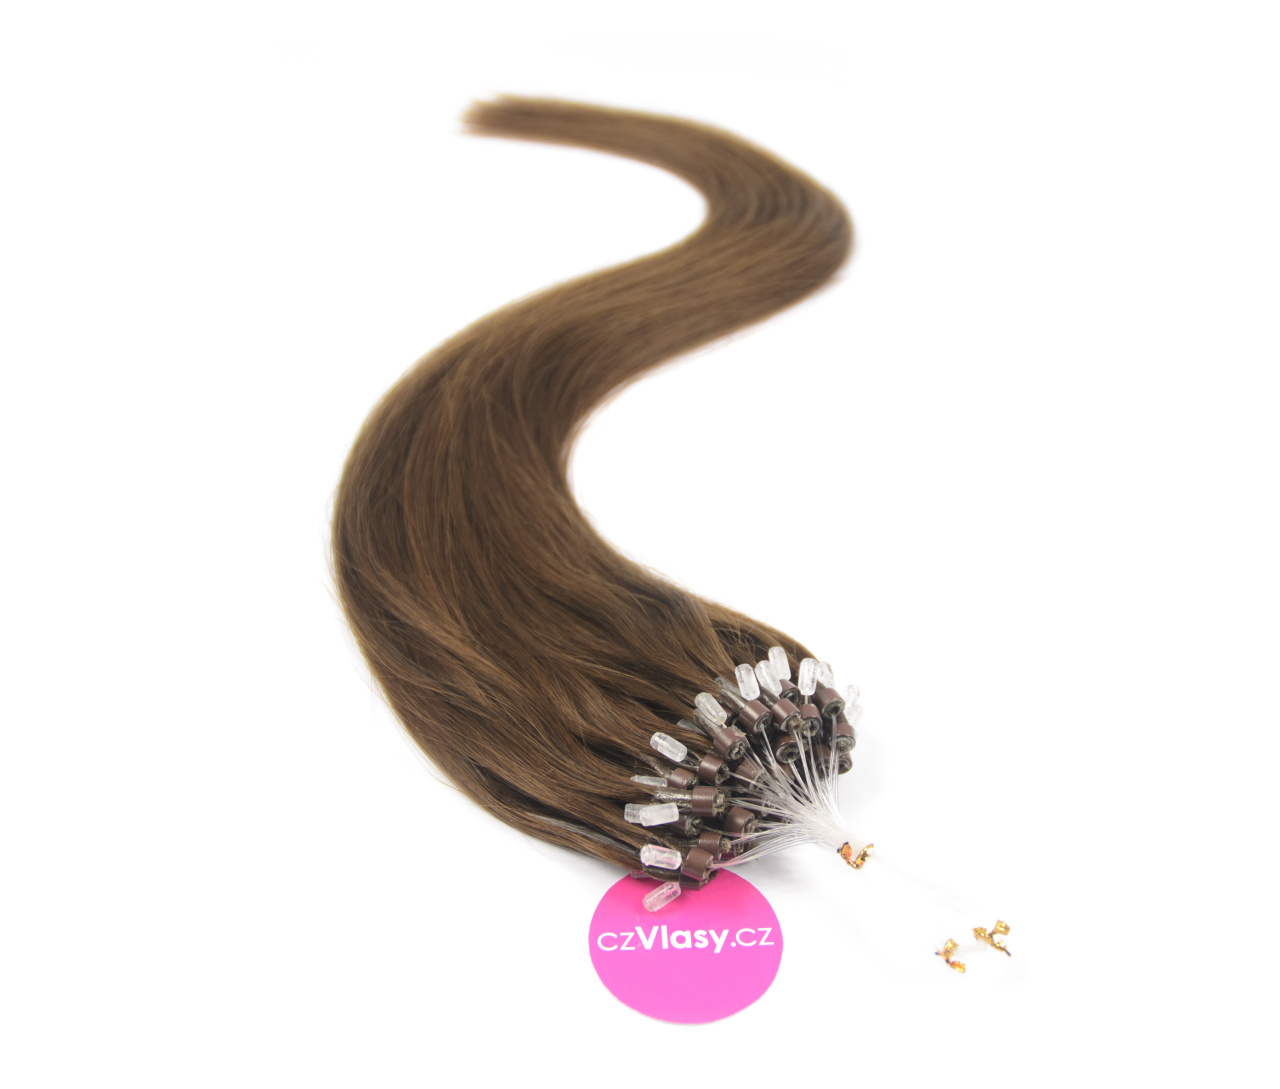 Indické vlasy na metodu micro-ring odstín 4 Délka: 50 cm, Hmotnost: 0,8 g/pramínek, REMY